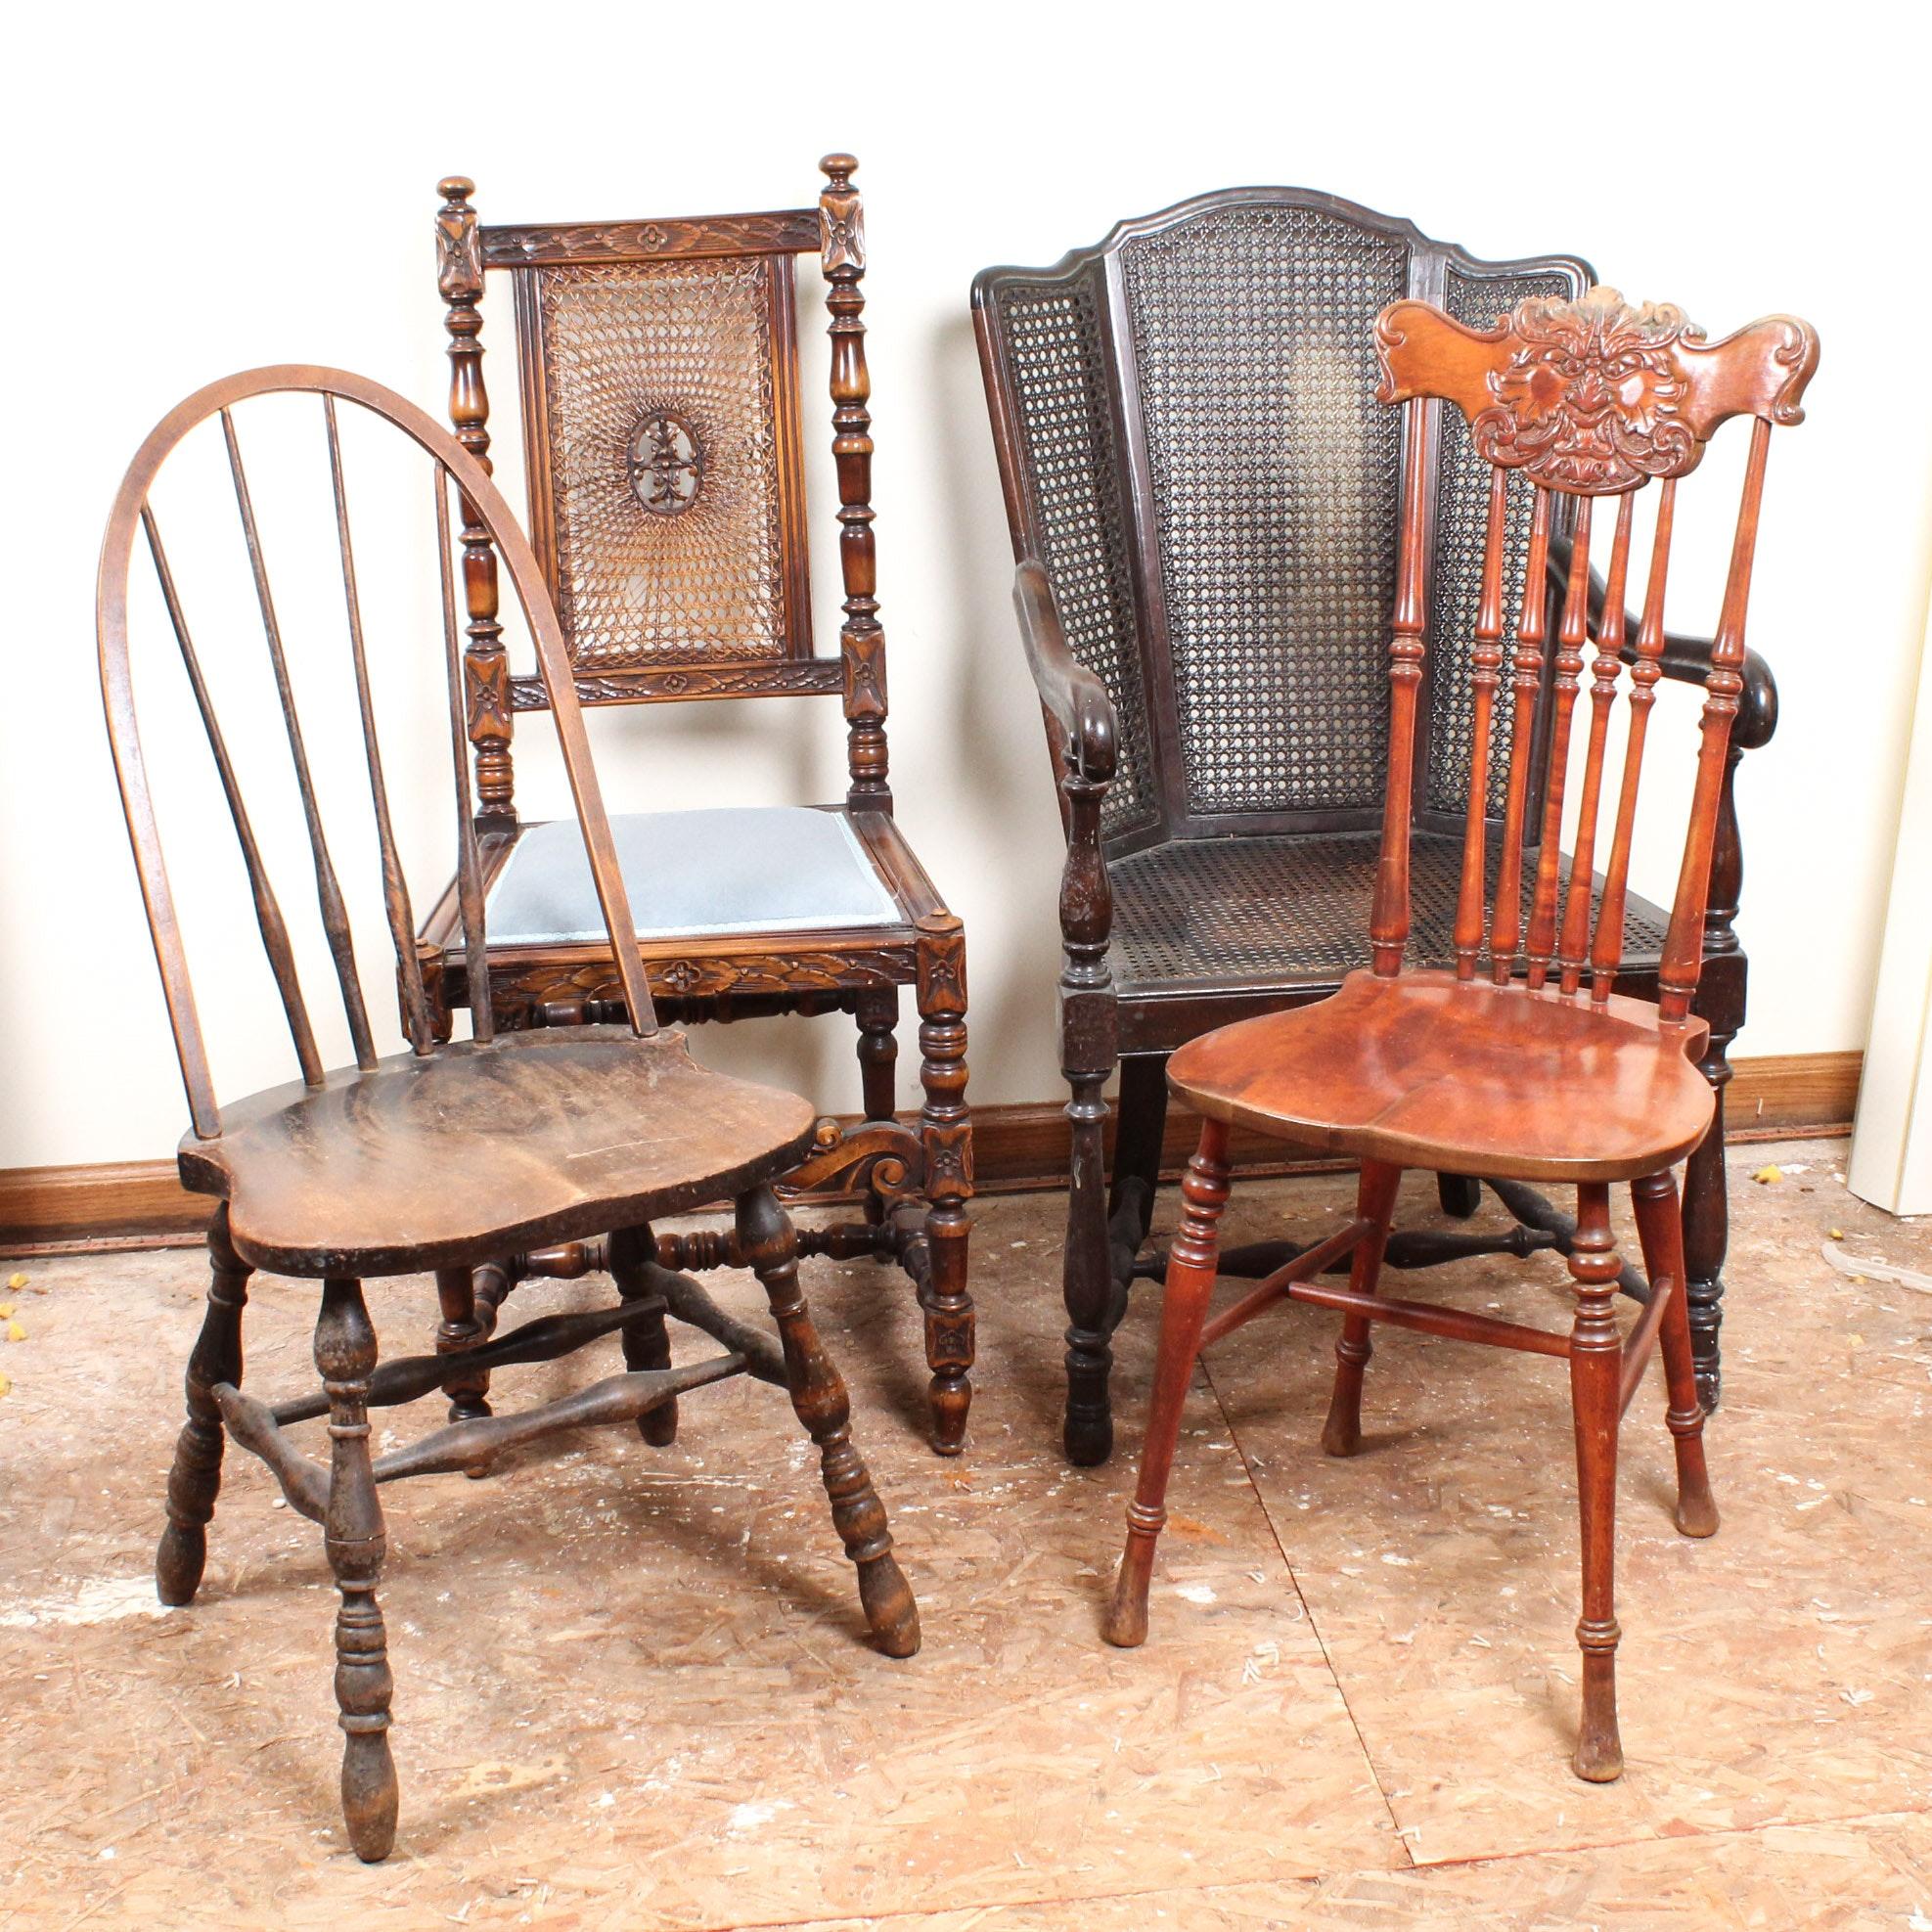 Antique Wooden Chair Assortment